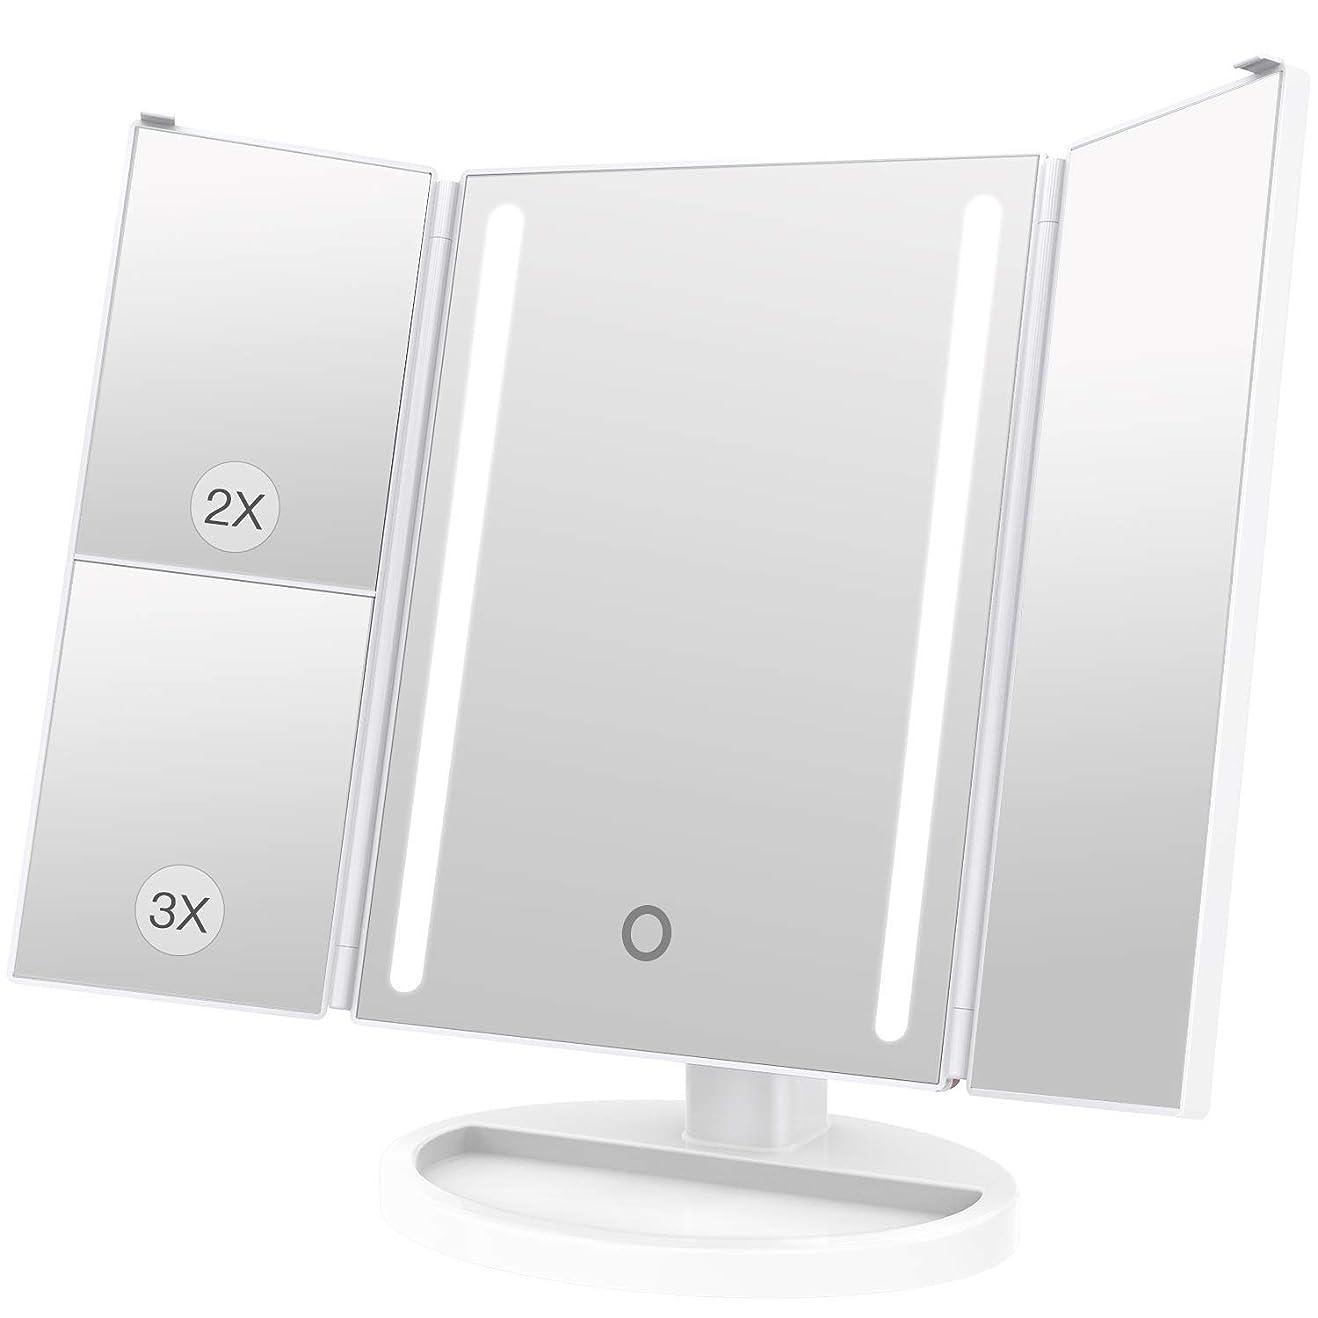 病的ミュウミュウ独立LEEPWEI 化粧鏡 LED 三面鏡 2&3倍拡大鏡付き 明るさ調節可能 180度回転 USB/単三電池給電 (ホワイト)